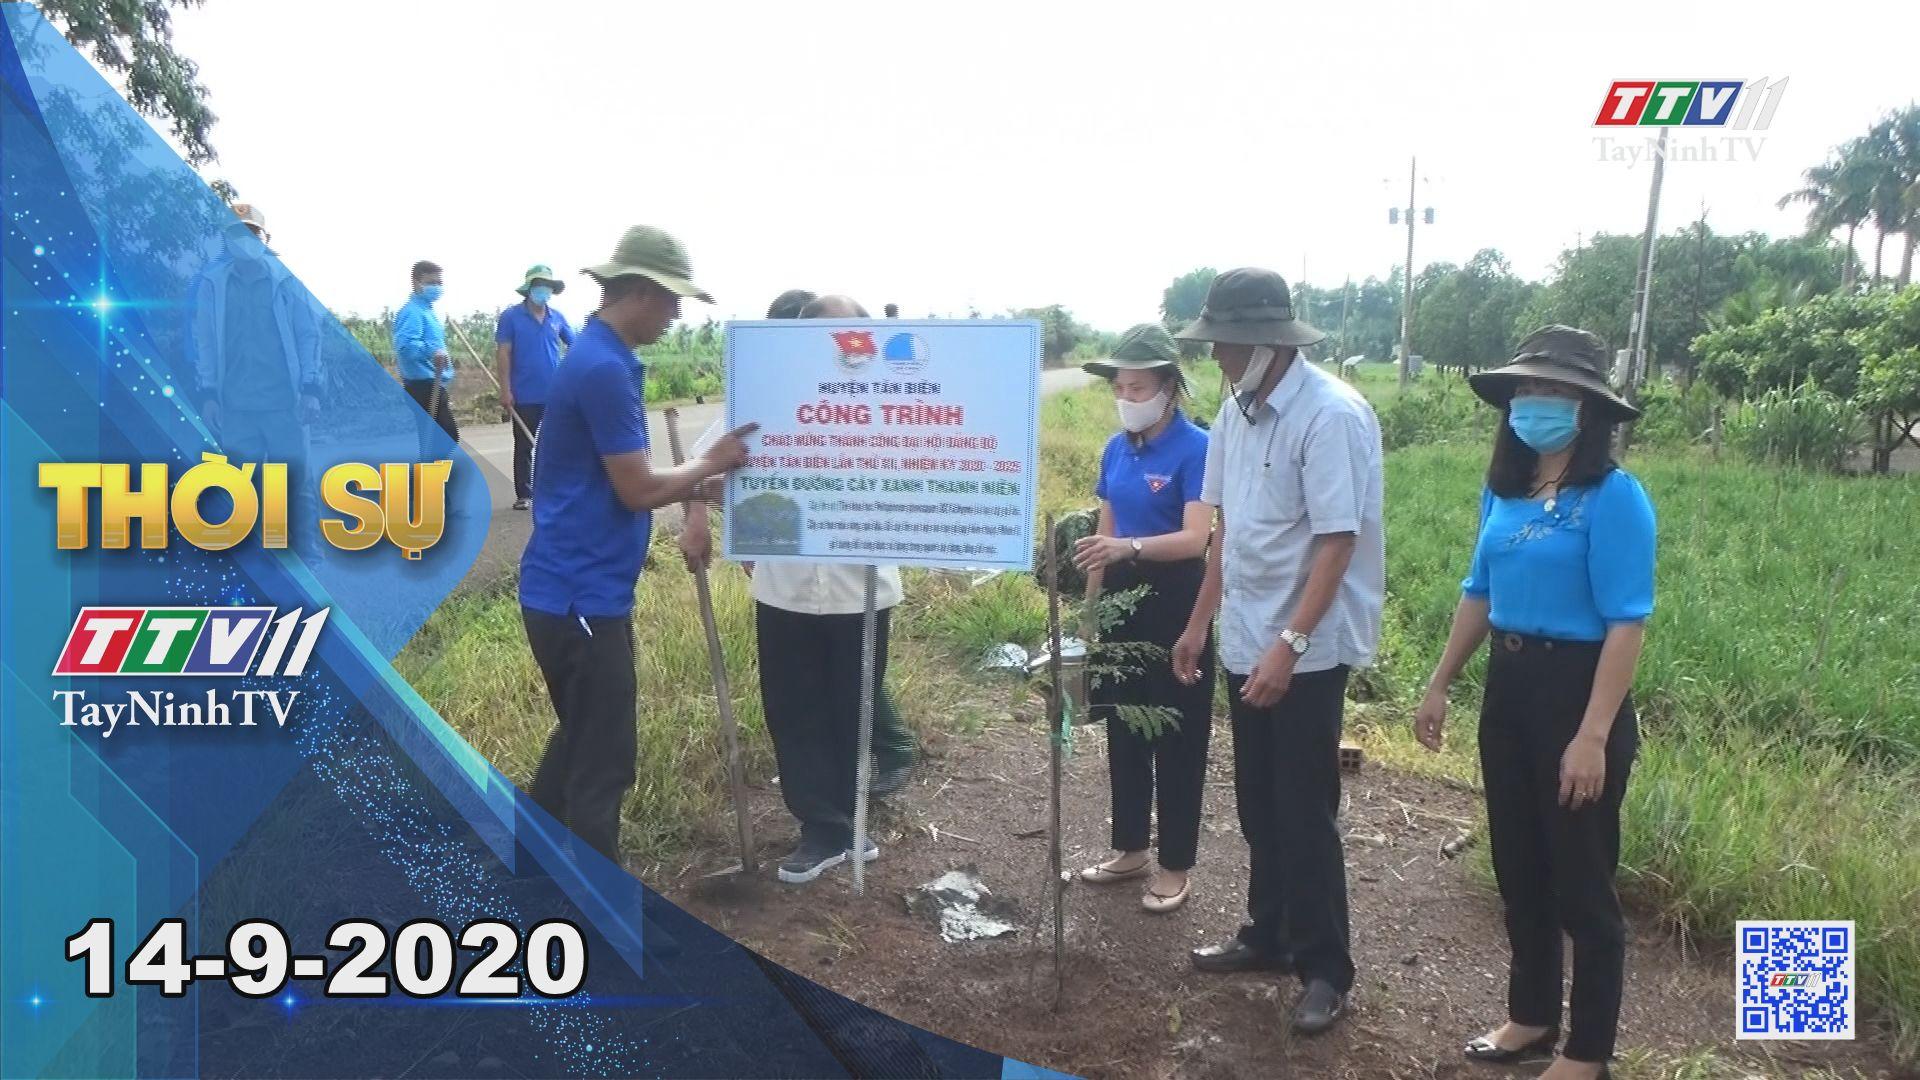 Thời sự Tây Ninh 14-9-2020 | Tin tức hôm nay | TayNinhTV